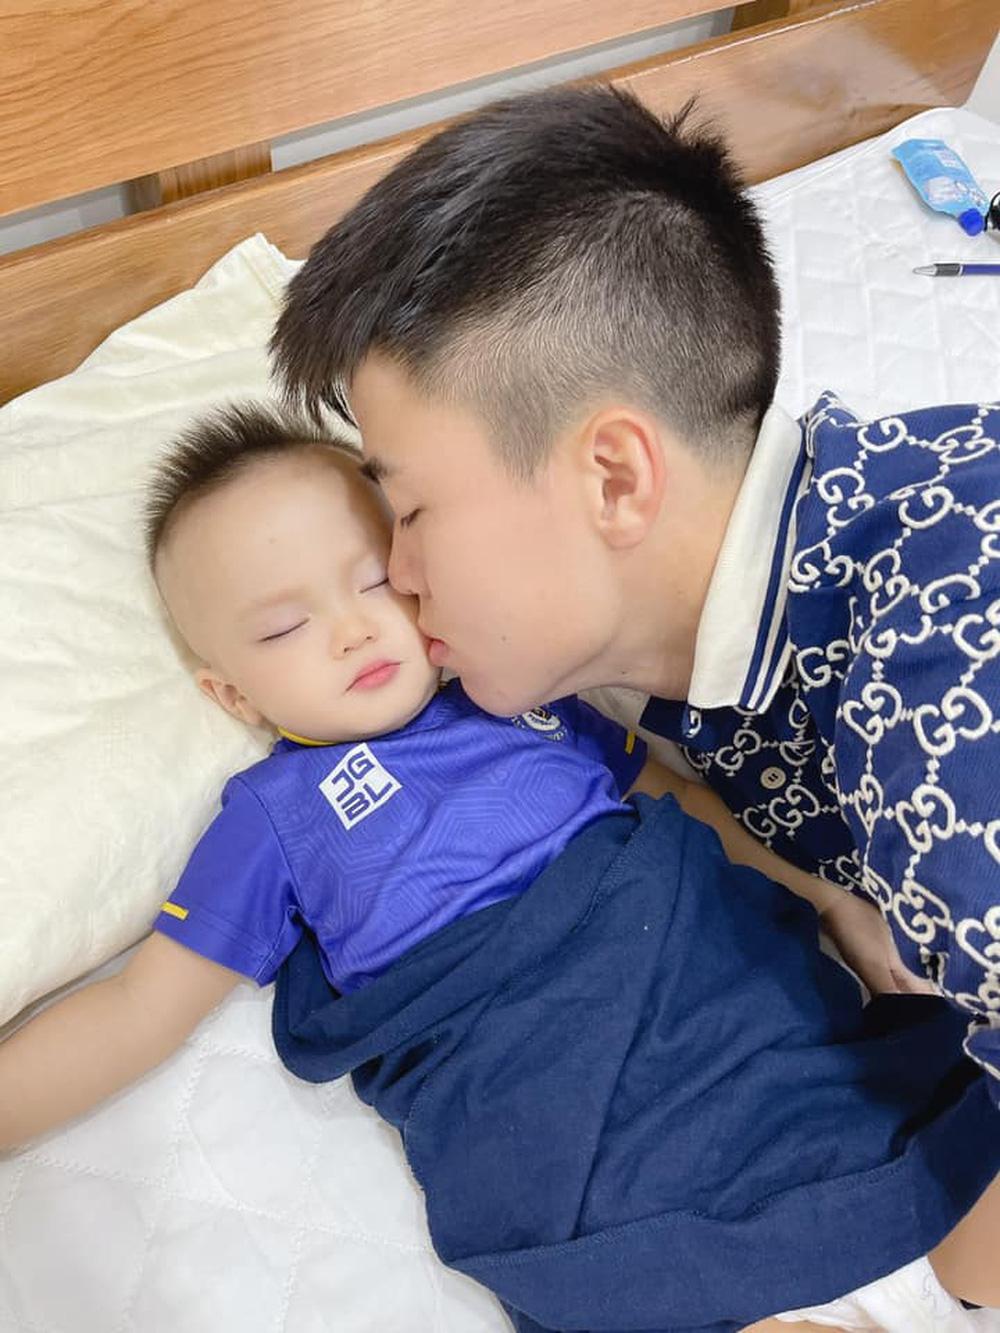 Duy Mạnh thơm má tạm biệt con trai trước khi lên tuyển hội quân - Ảnh 1.